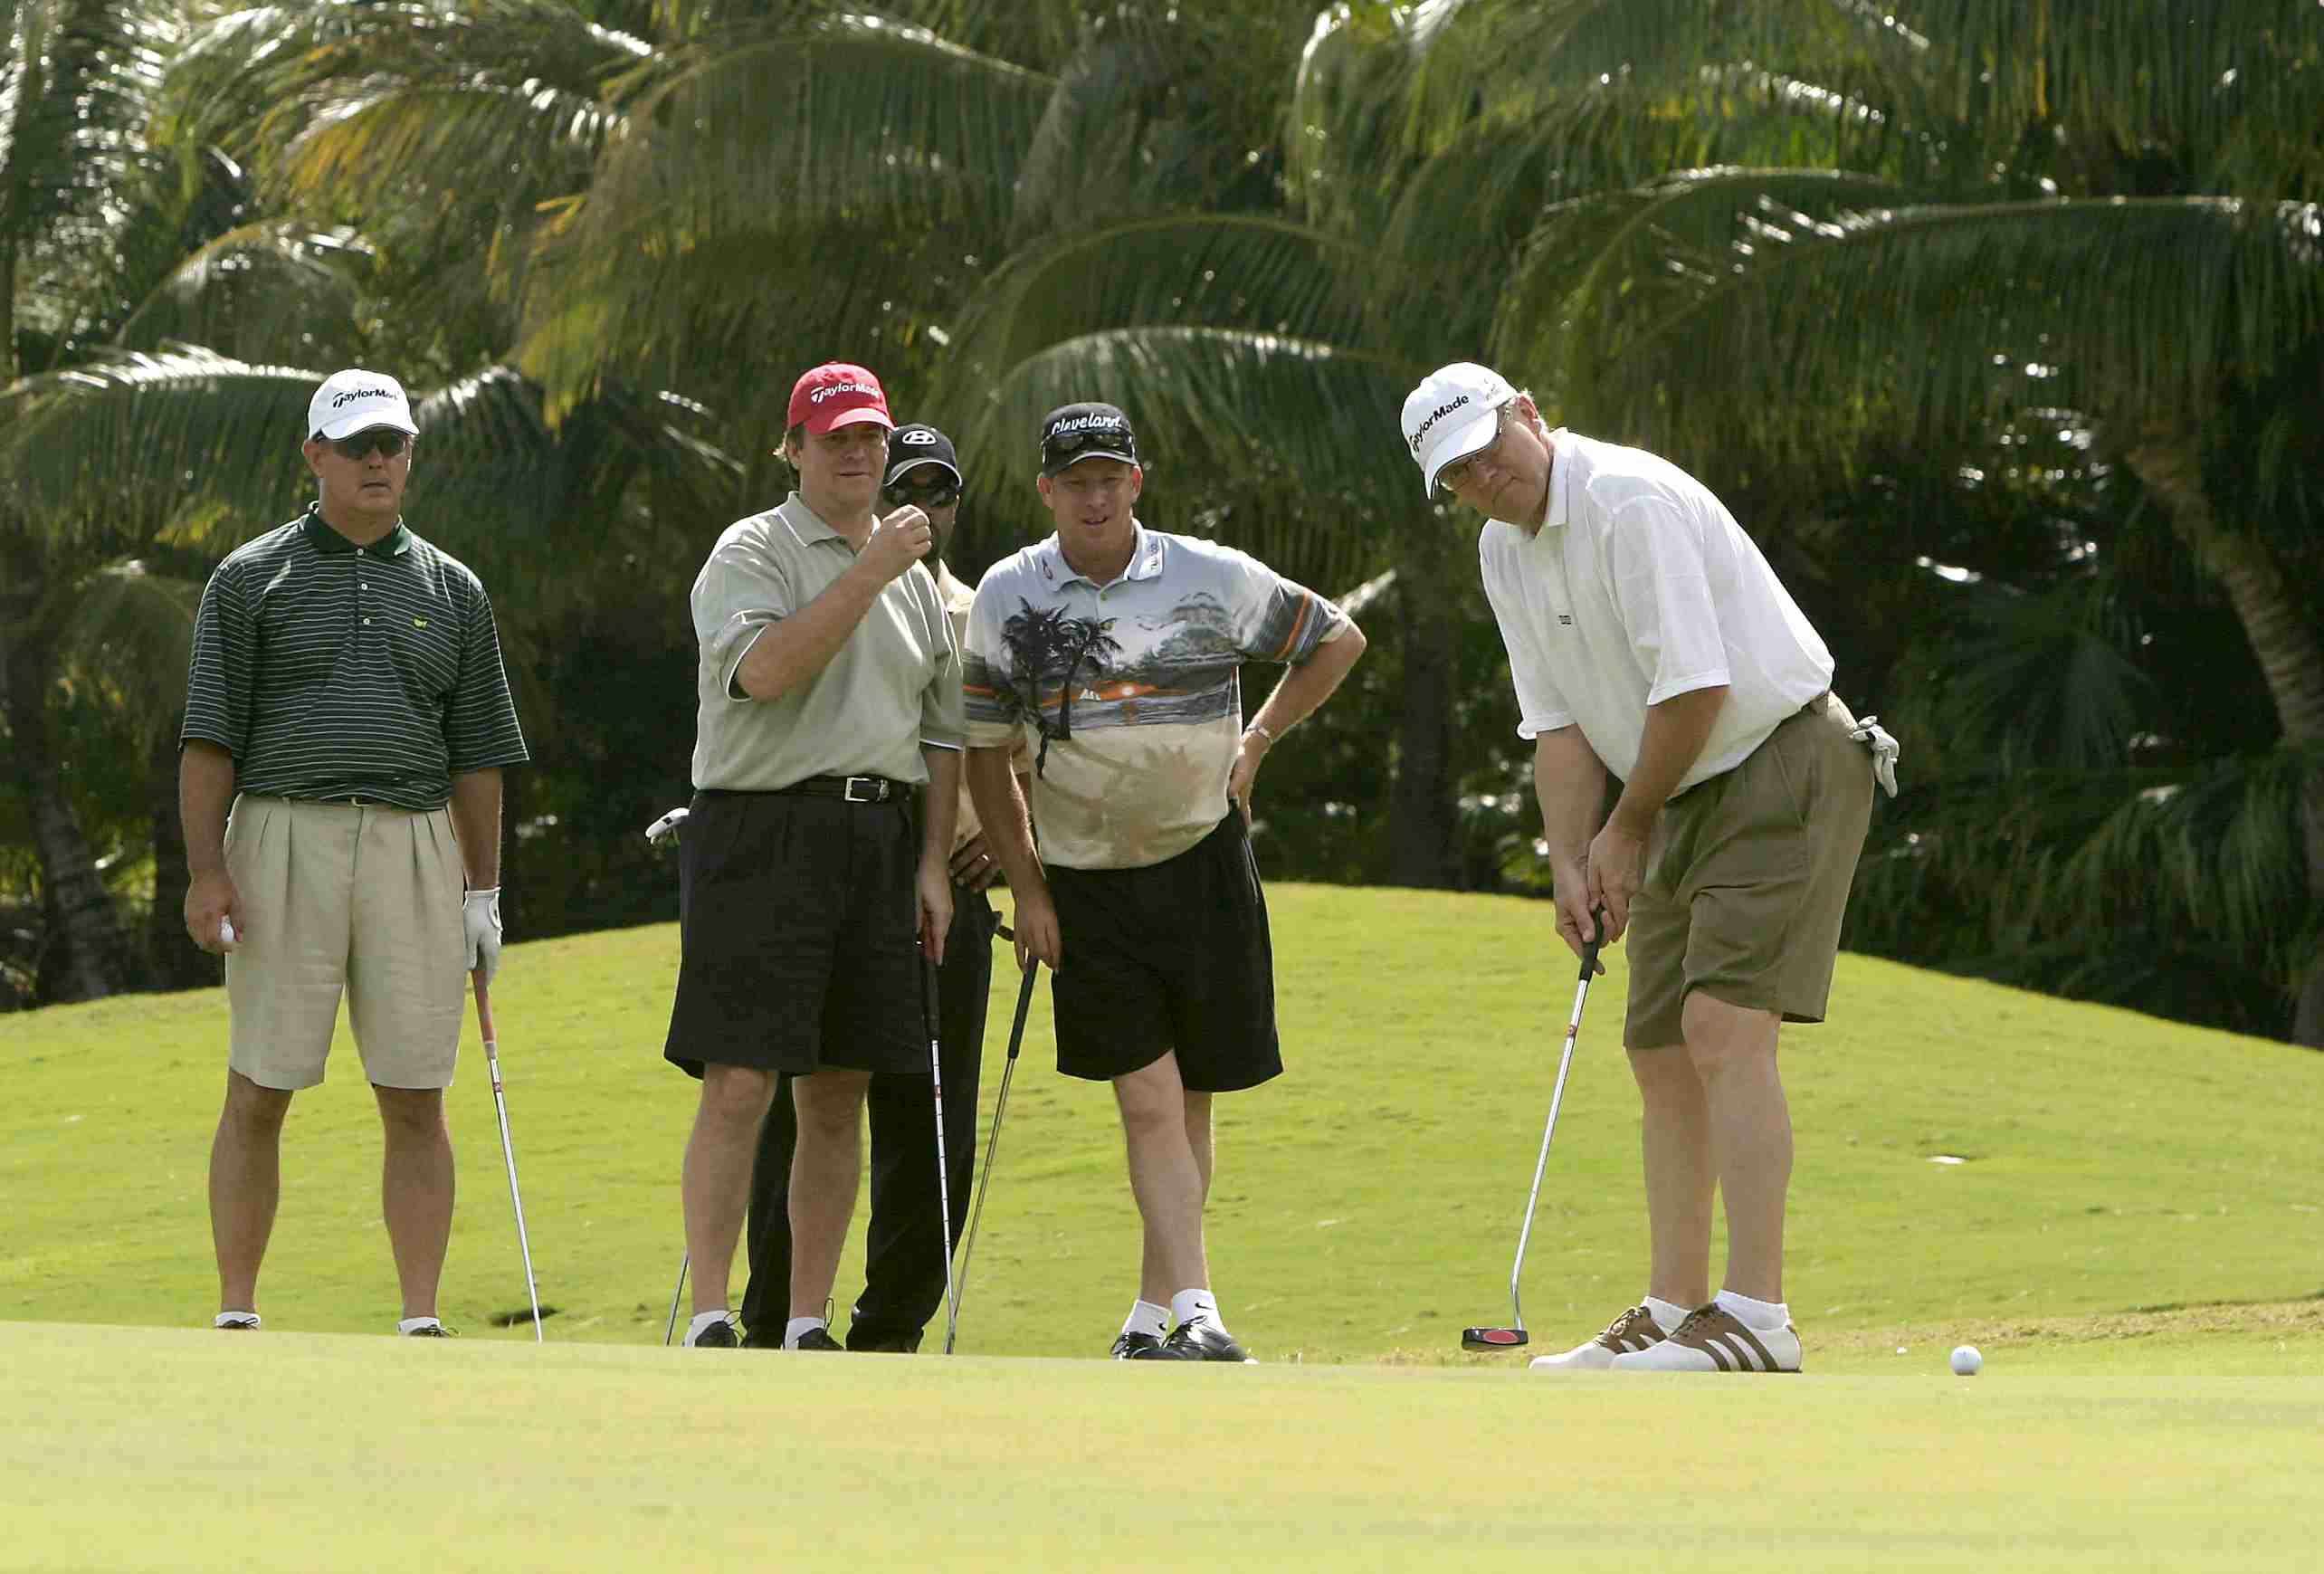 Team of golfers in a scramble tournament